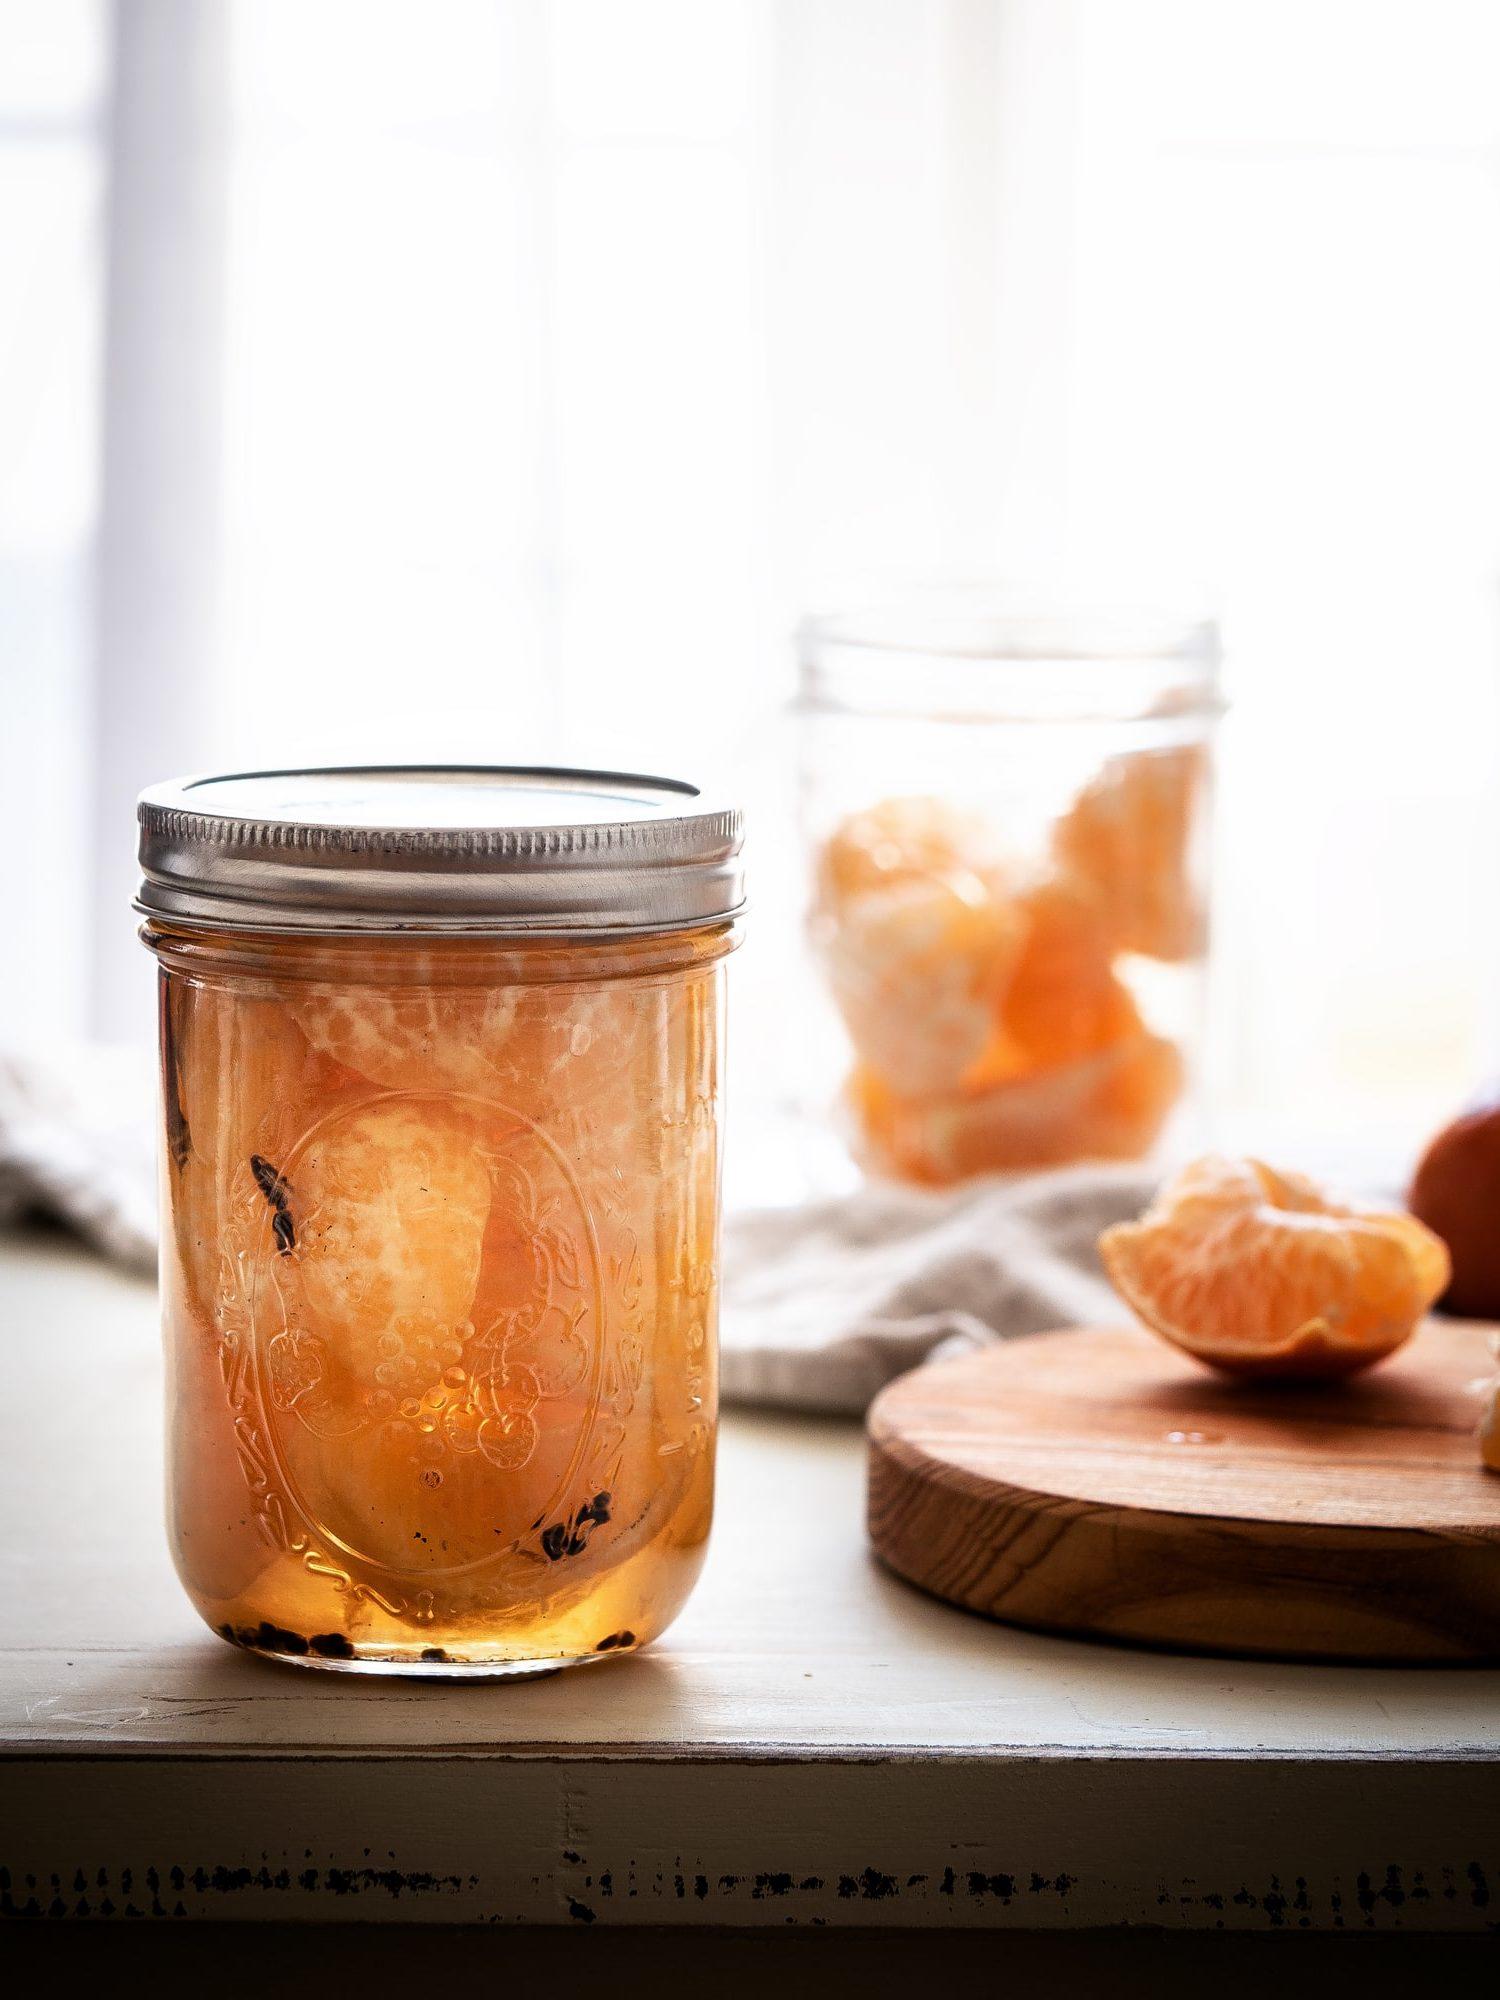 Mandarinen einkochen - winterlich gewürzt mit Kardamom und Vanille